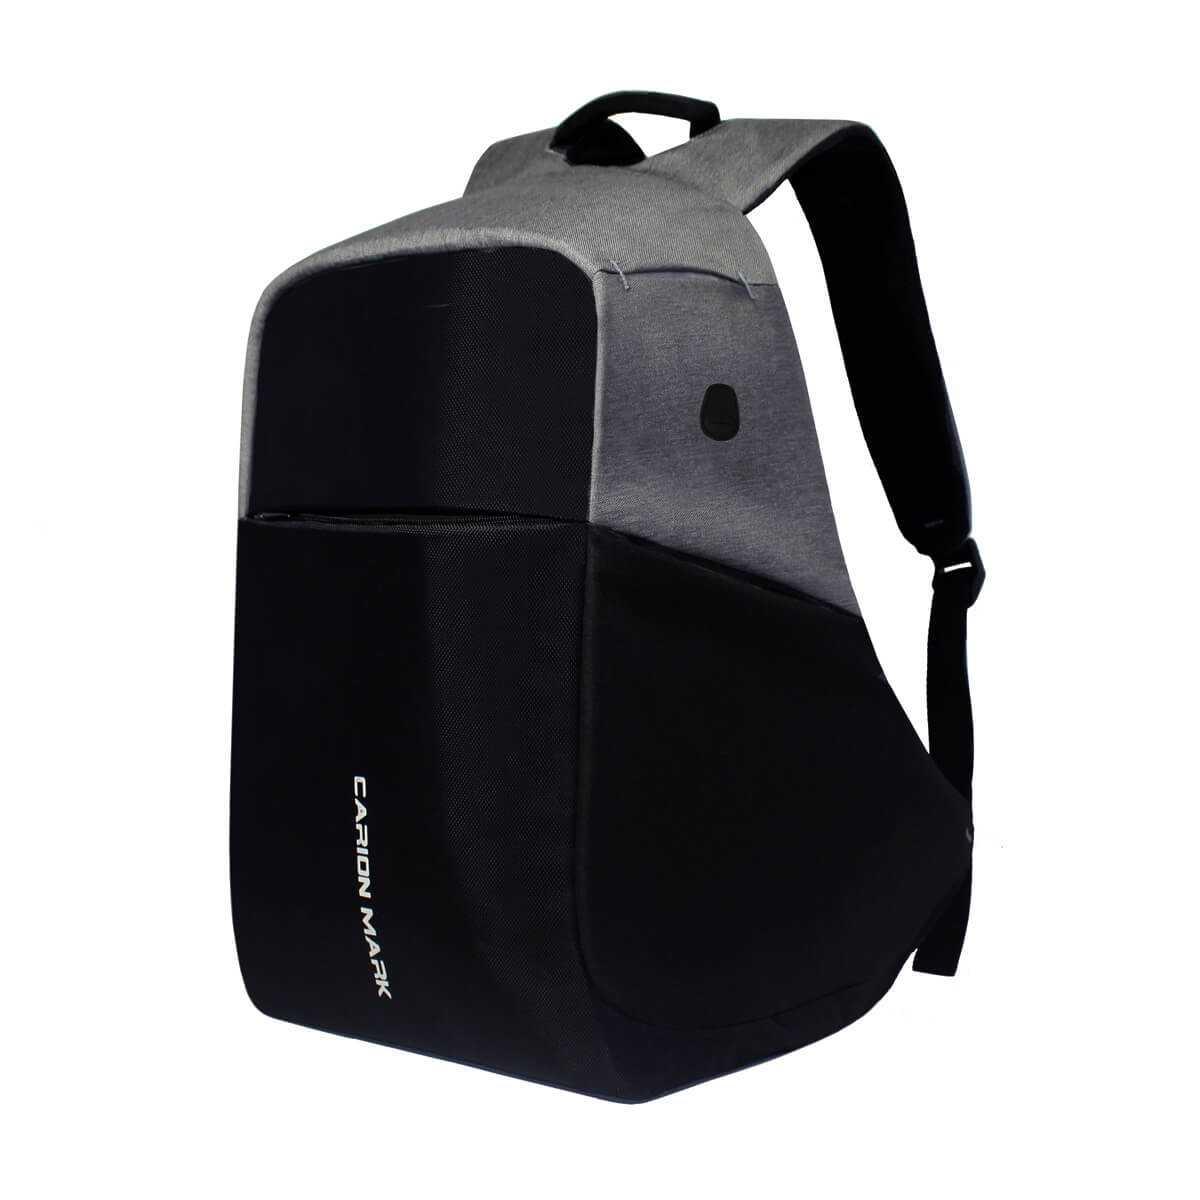 Jual Tas Ransel Anti Theft Backpack Laptop 156 Inchi Pria Hand Bag Organizer Tangan Wanita